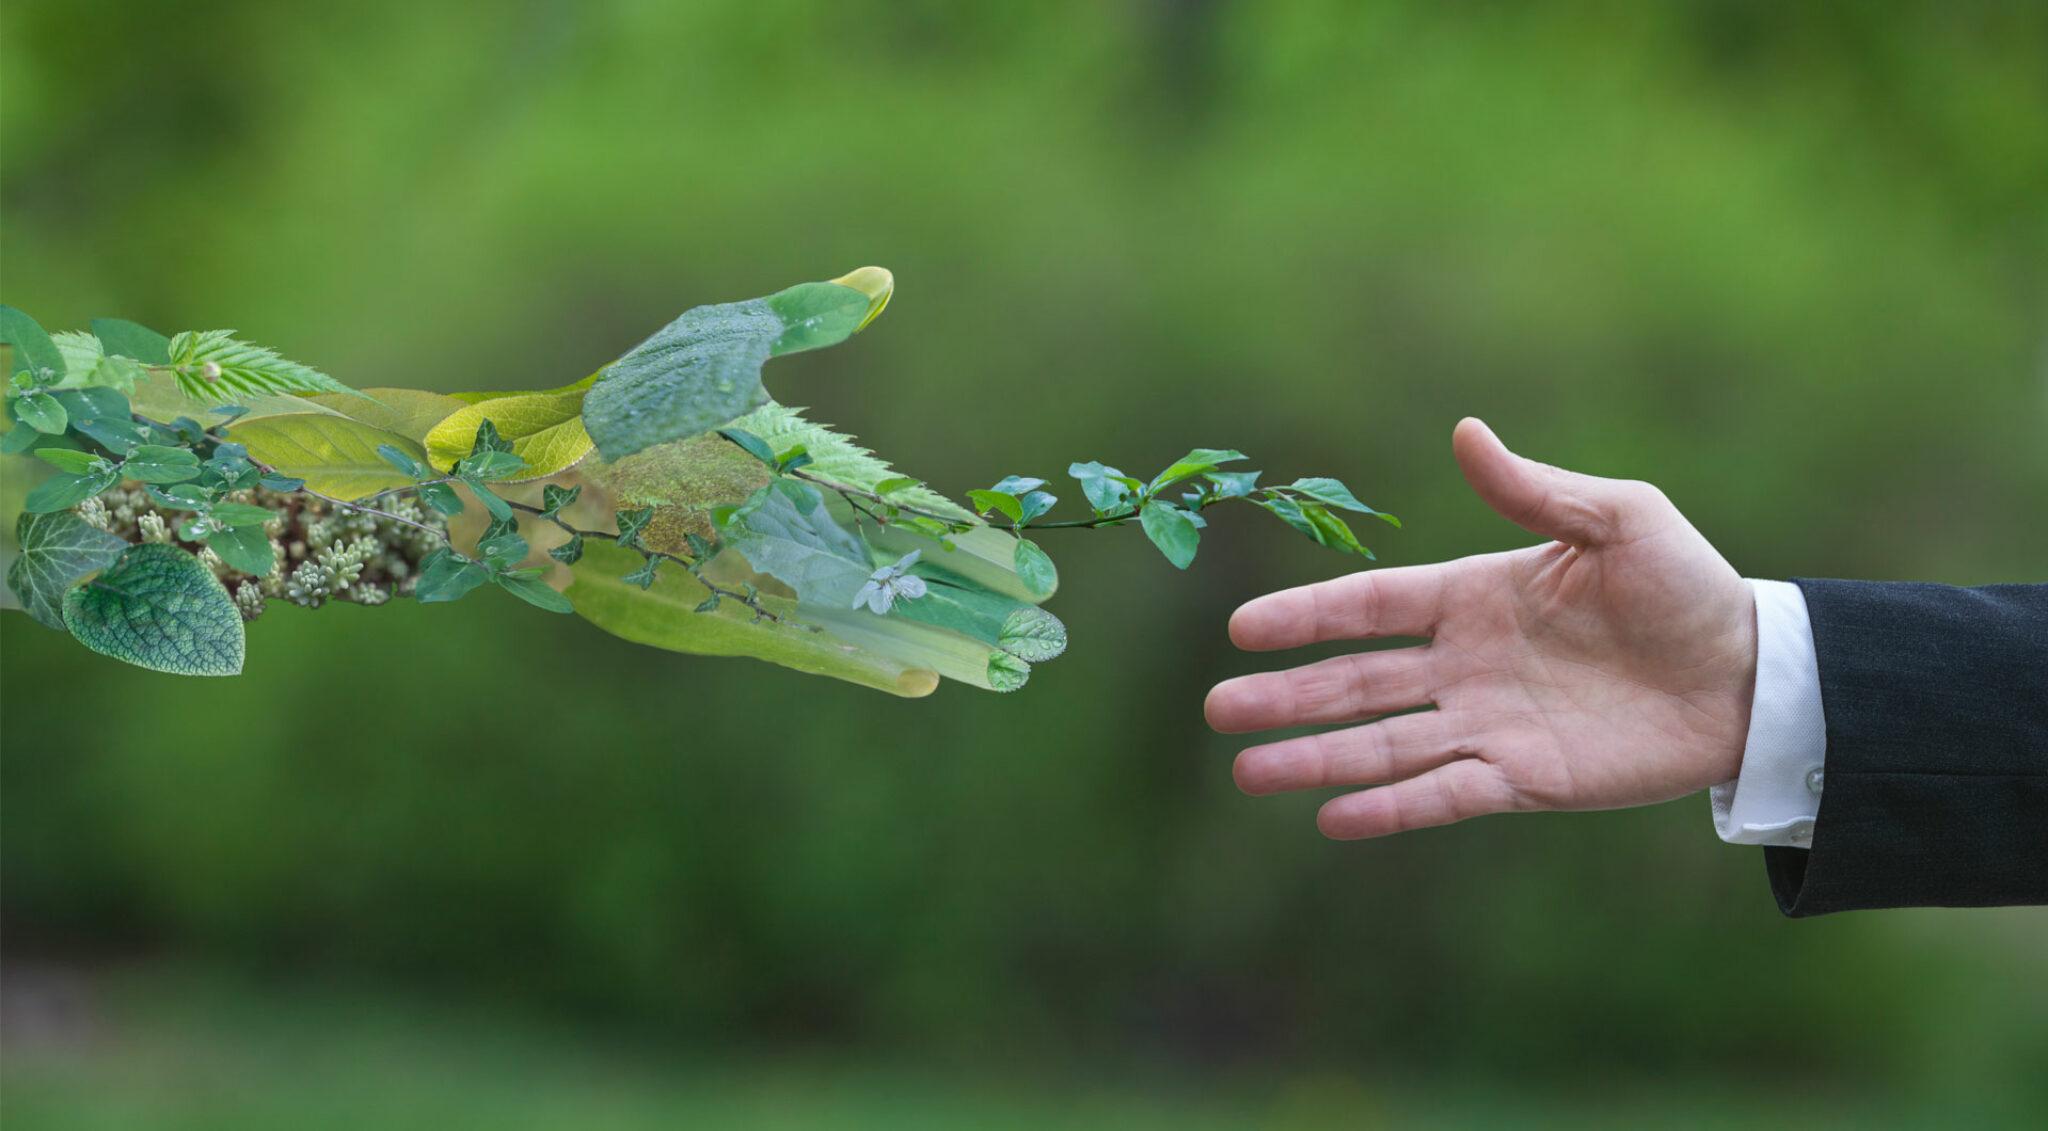 Ein Mann reicht seine Hand einer Hand aus Blättern.